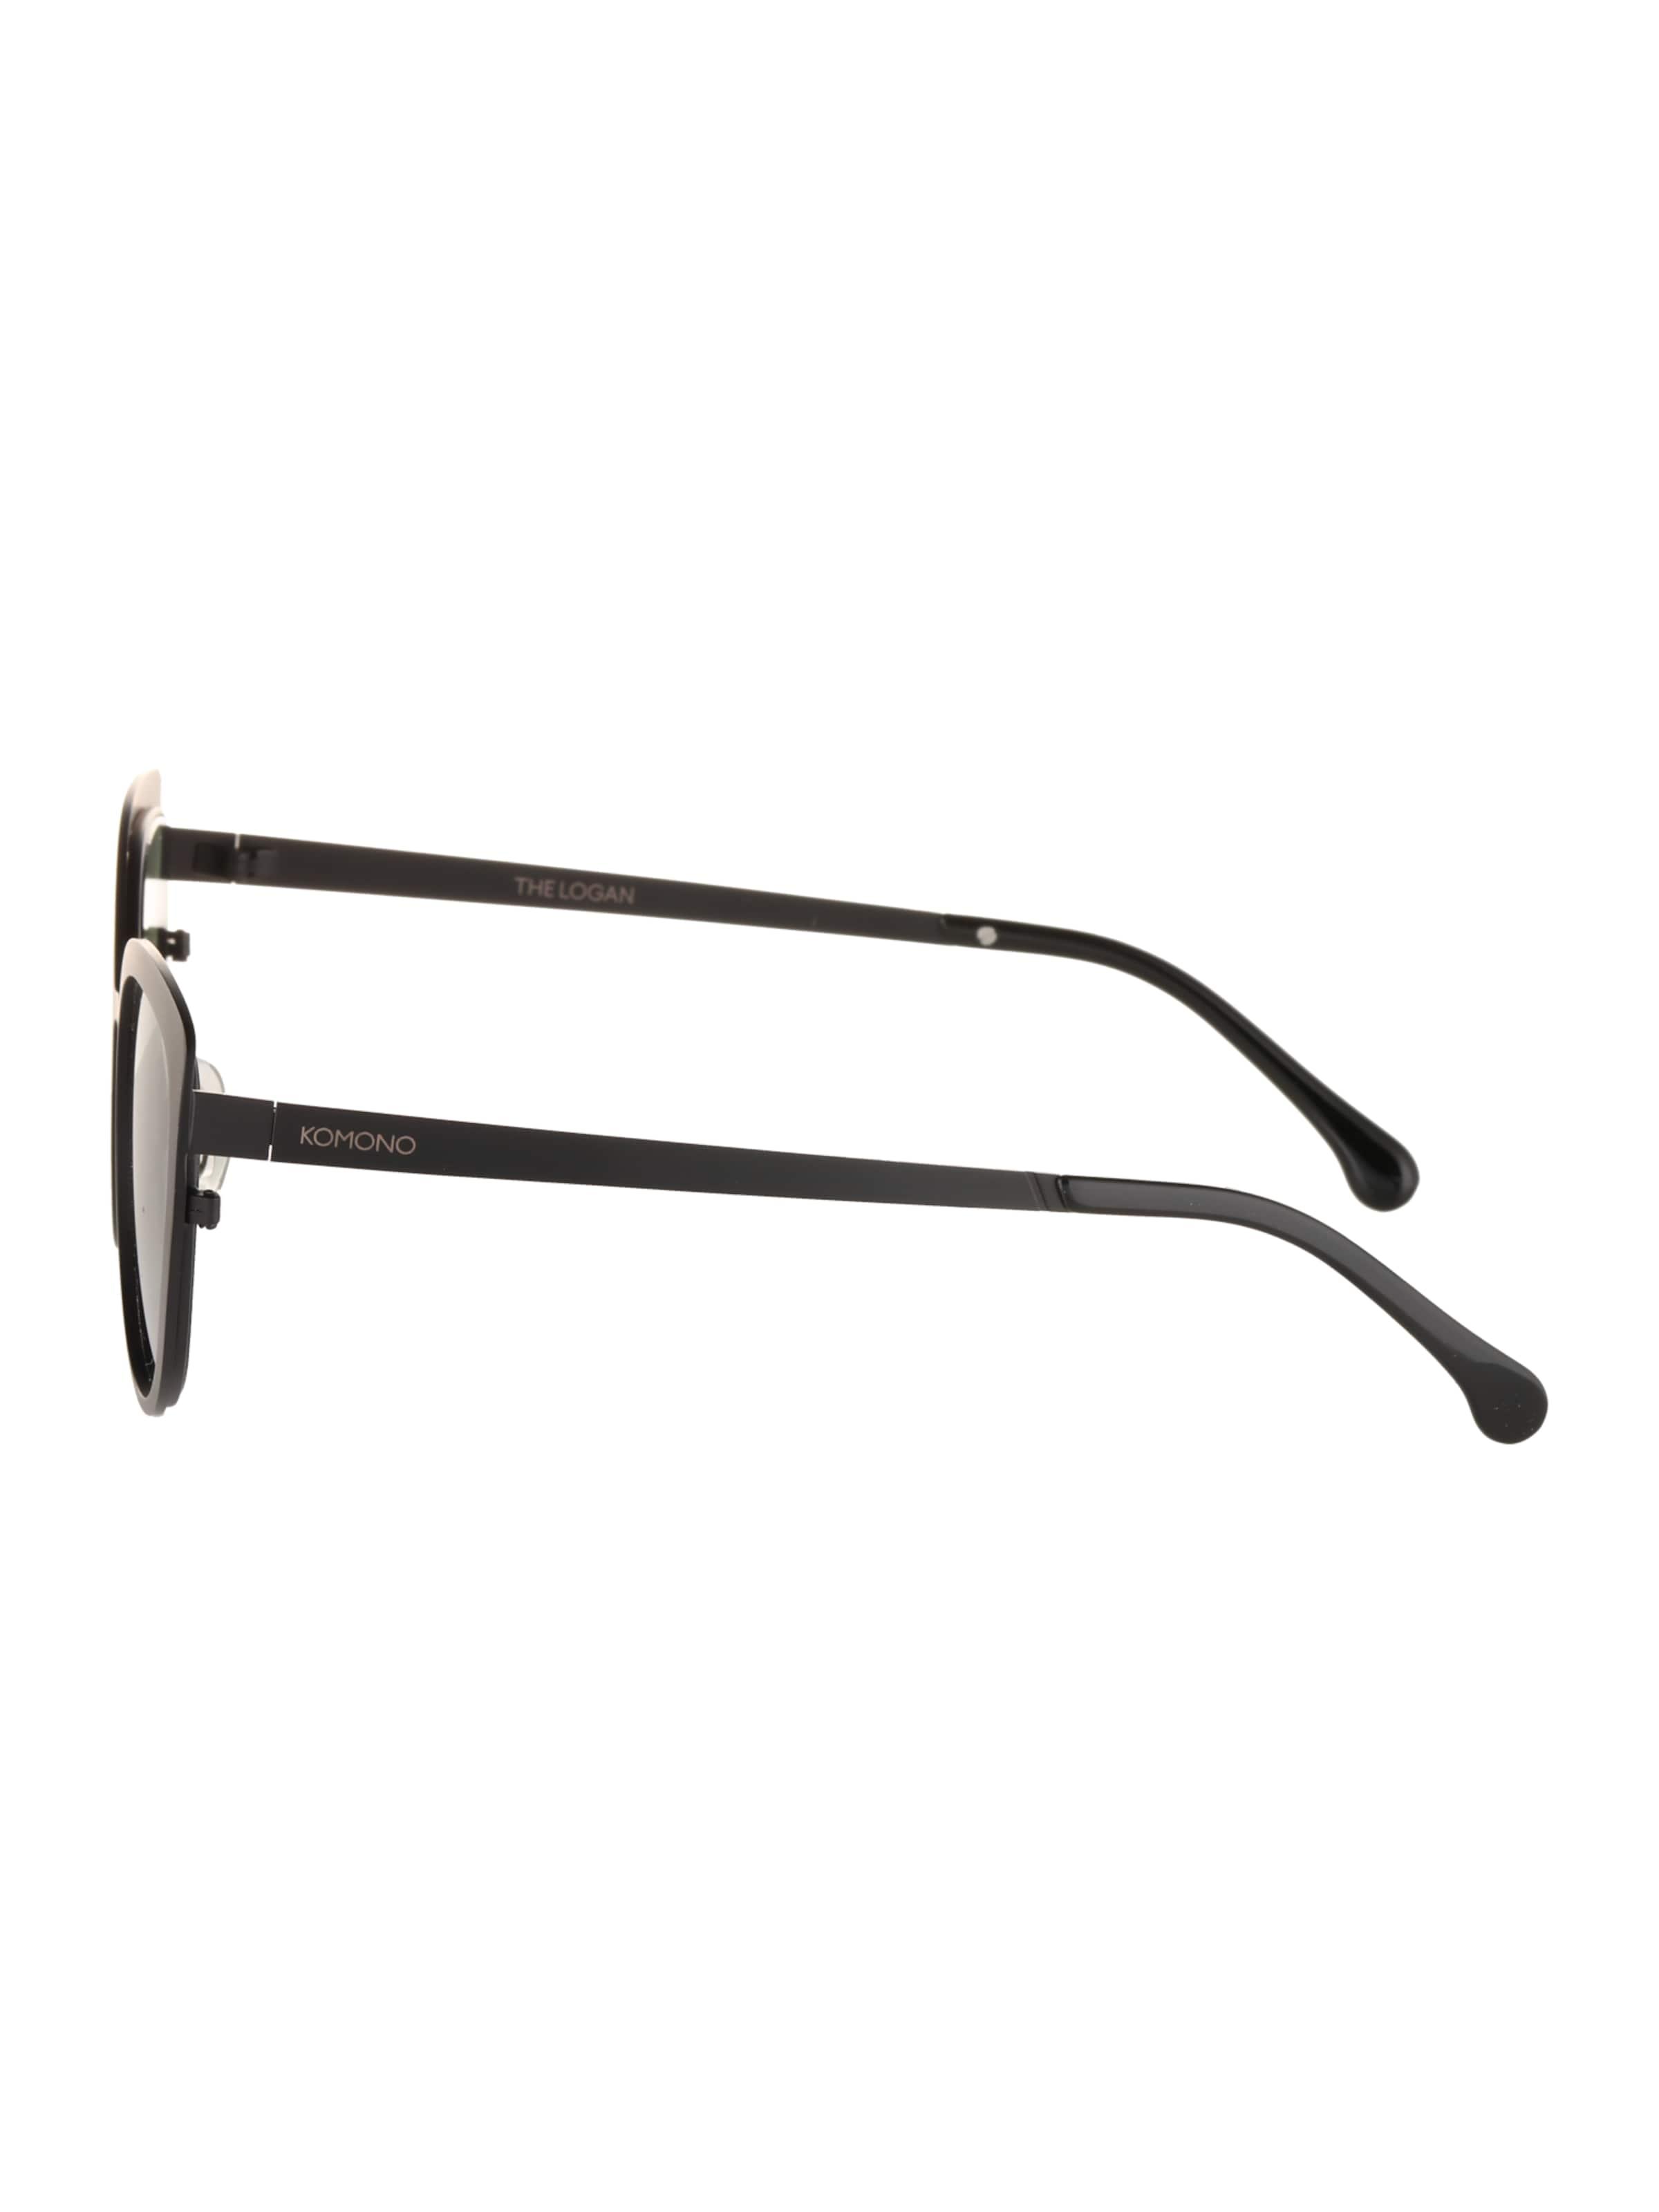 Rabatt Neuesten Kollektionen Komono Sonnenbrille 'LOGAN' Freies Verschiffen Neue Billig Verkauf Neueste g00wHl